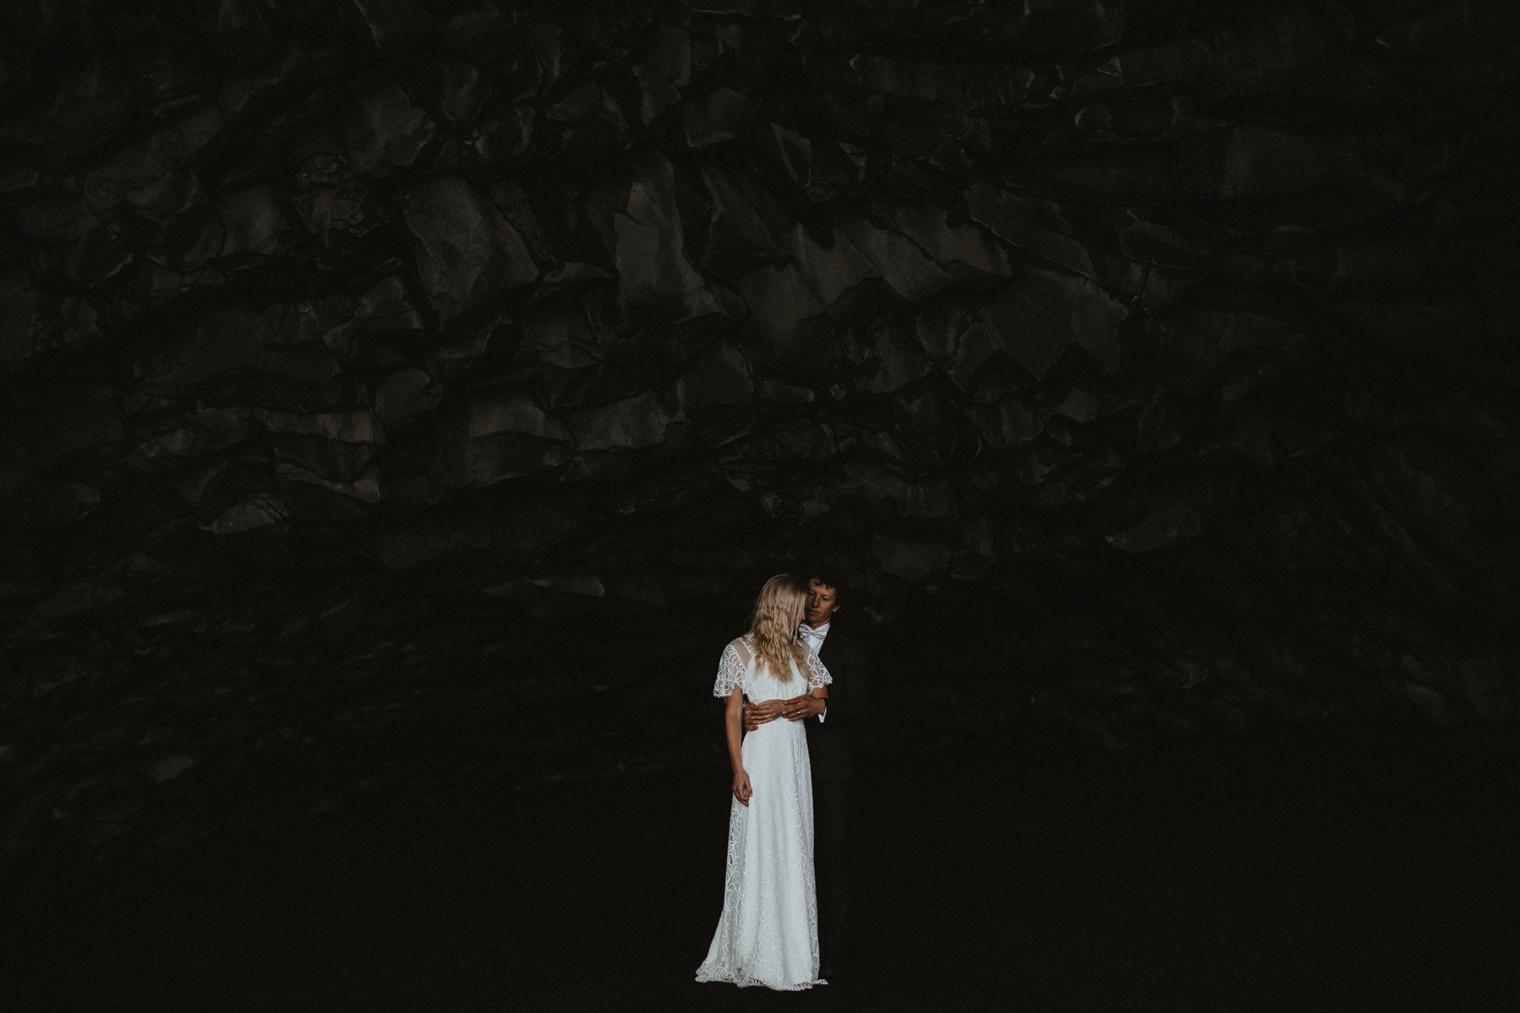 086-iceland-wedding